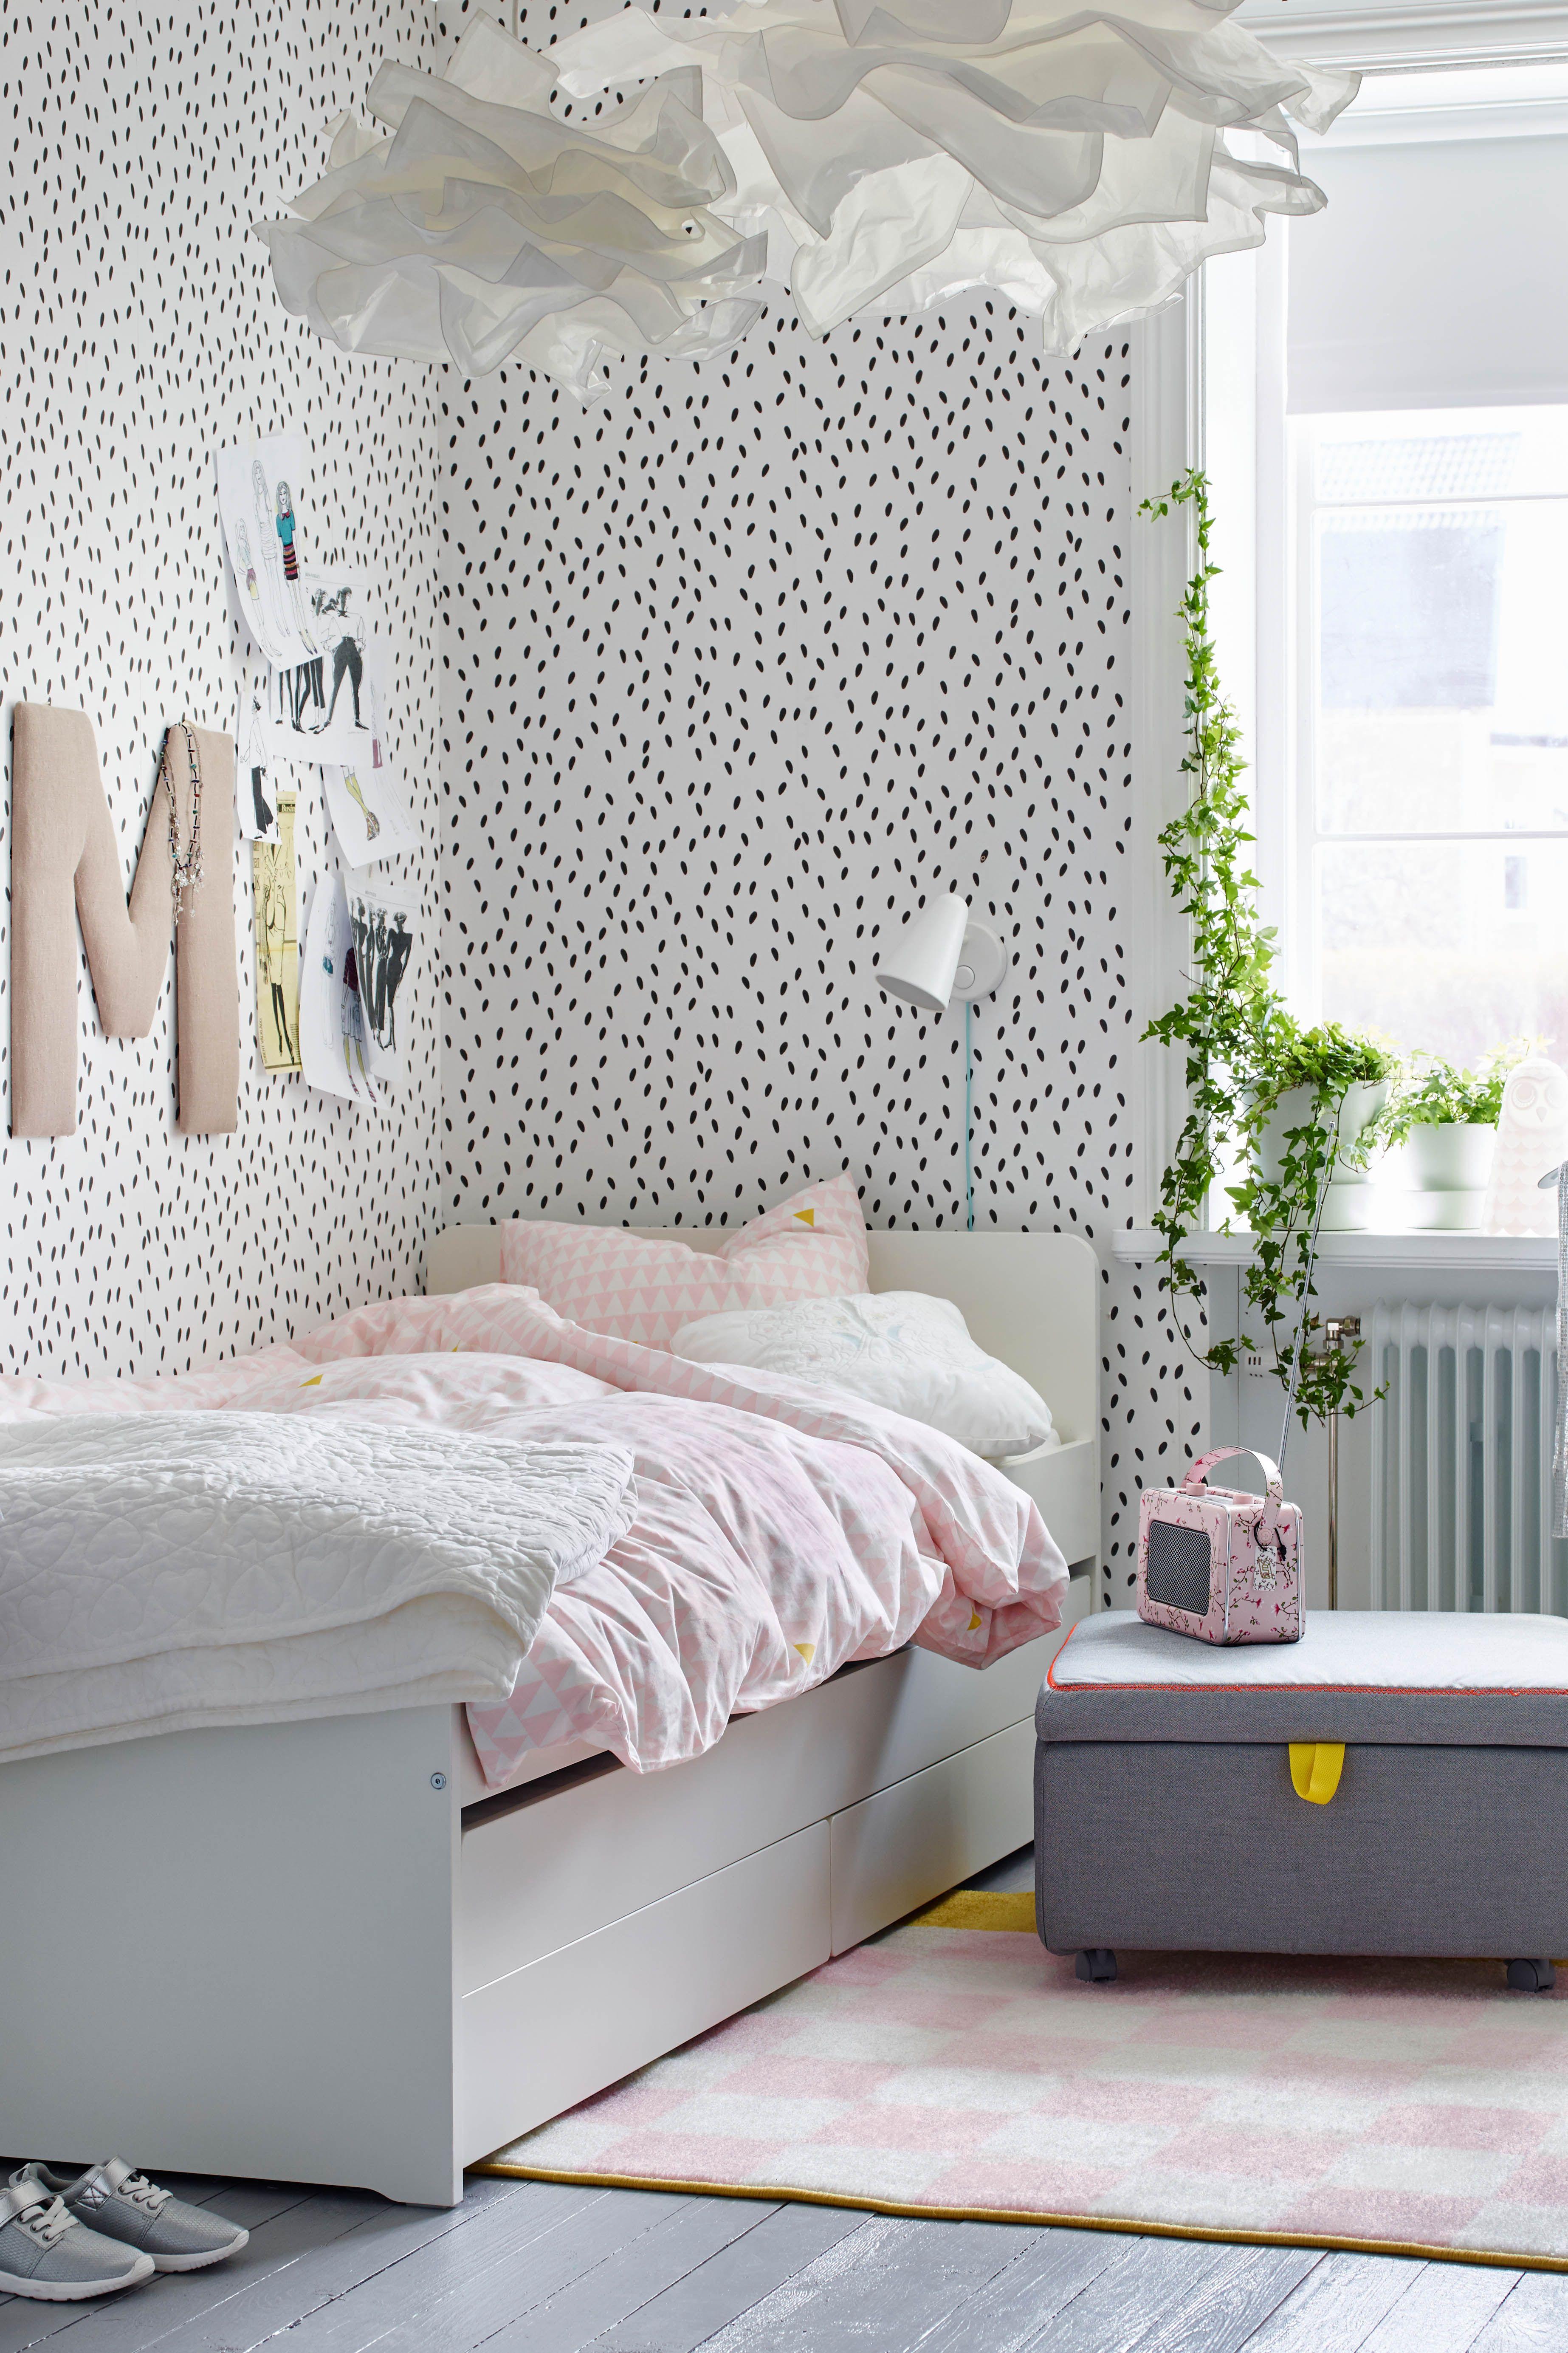 Slakt Bettgestell Unterbett Aufbewahrung Weiss Ikea Deutschland Zimmerdekoration Madchenzimmer Dekoration Raumideen Diy